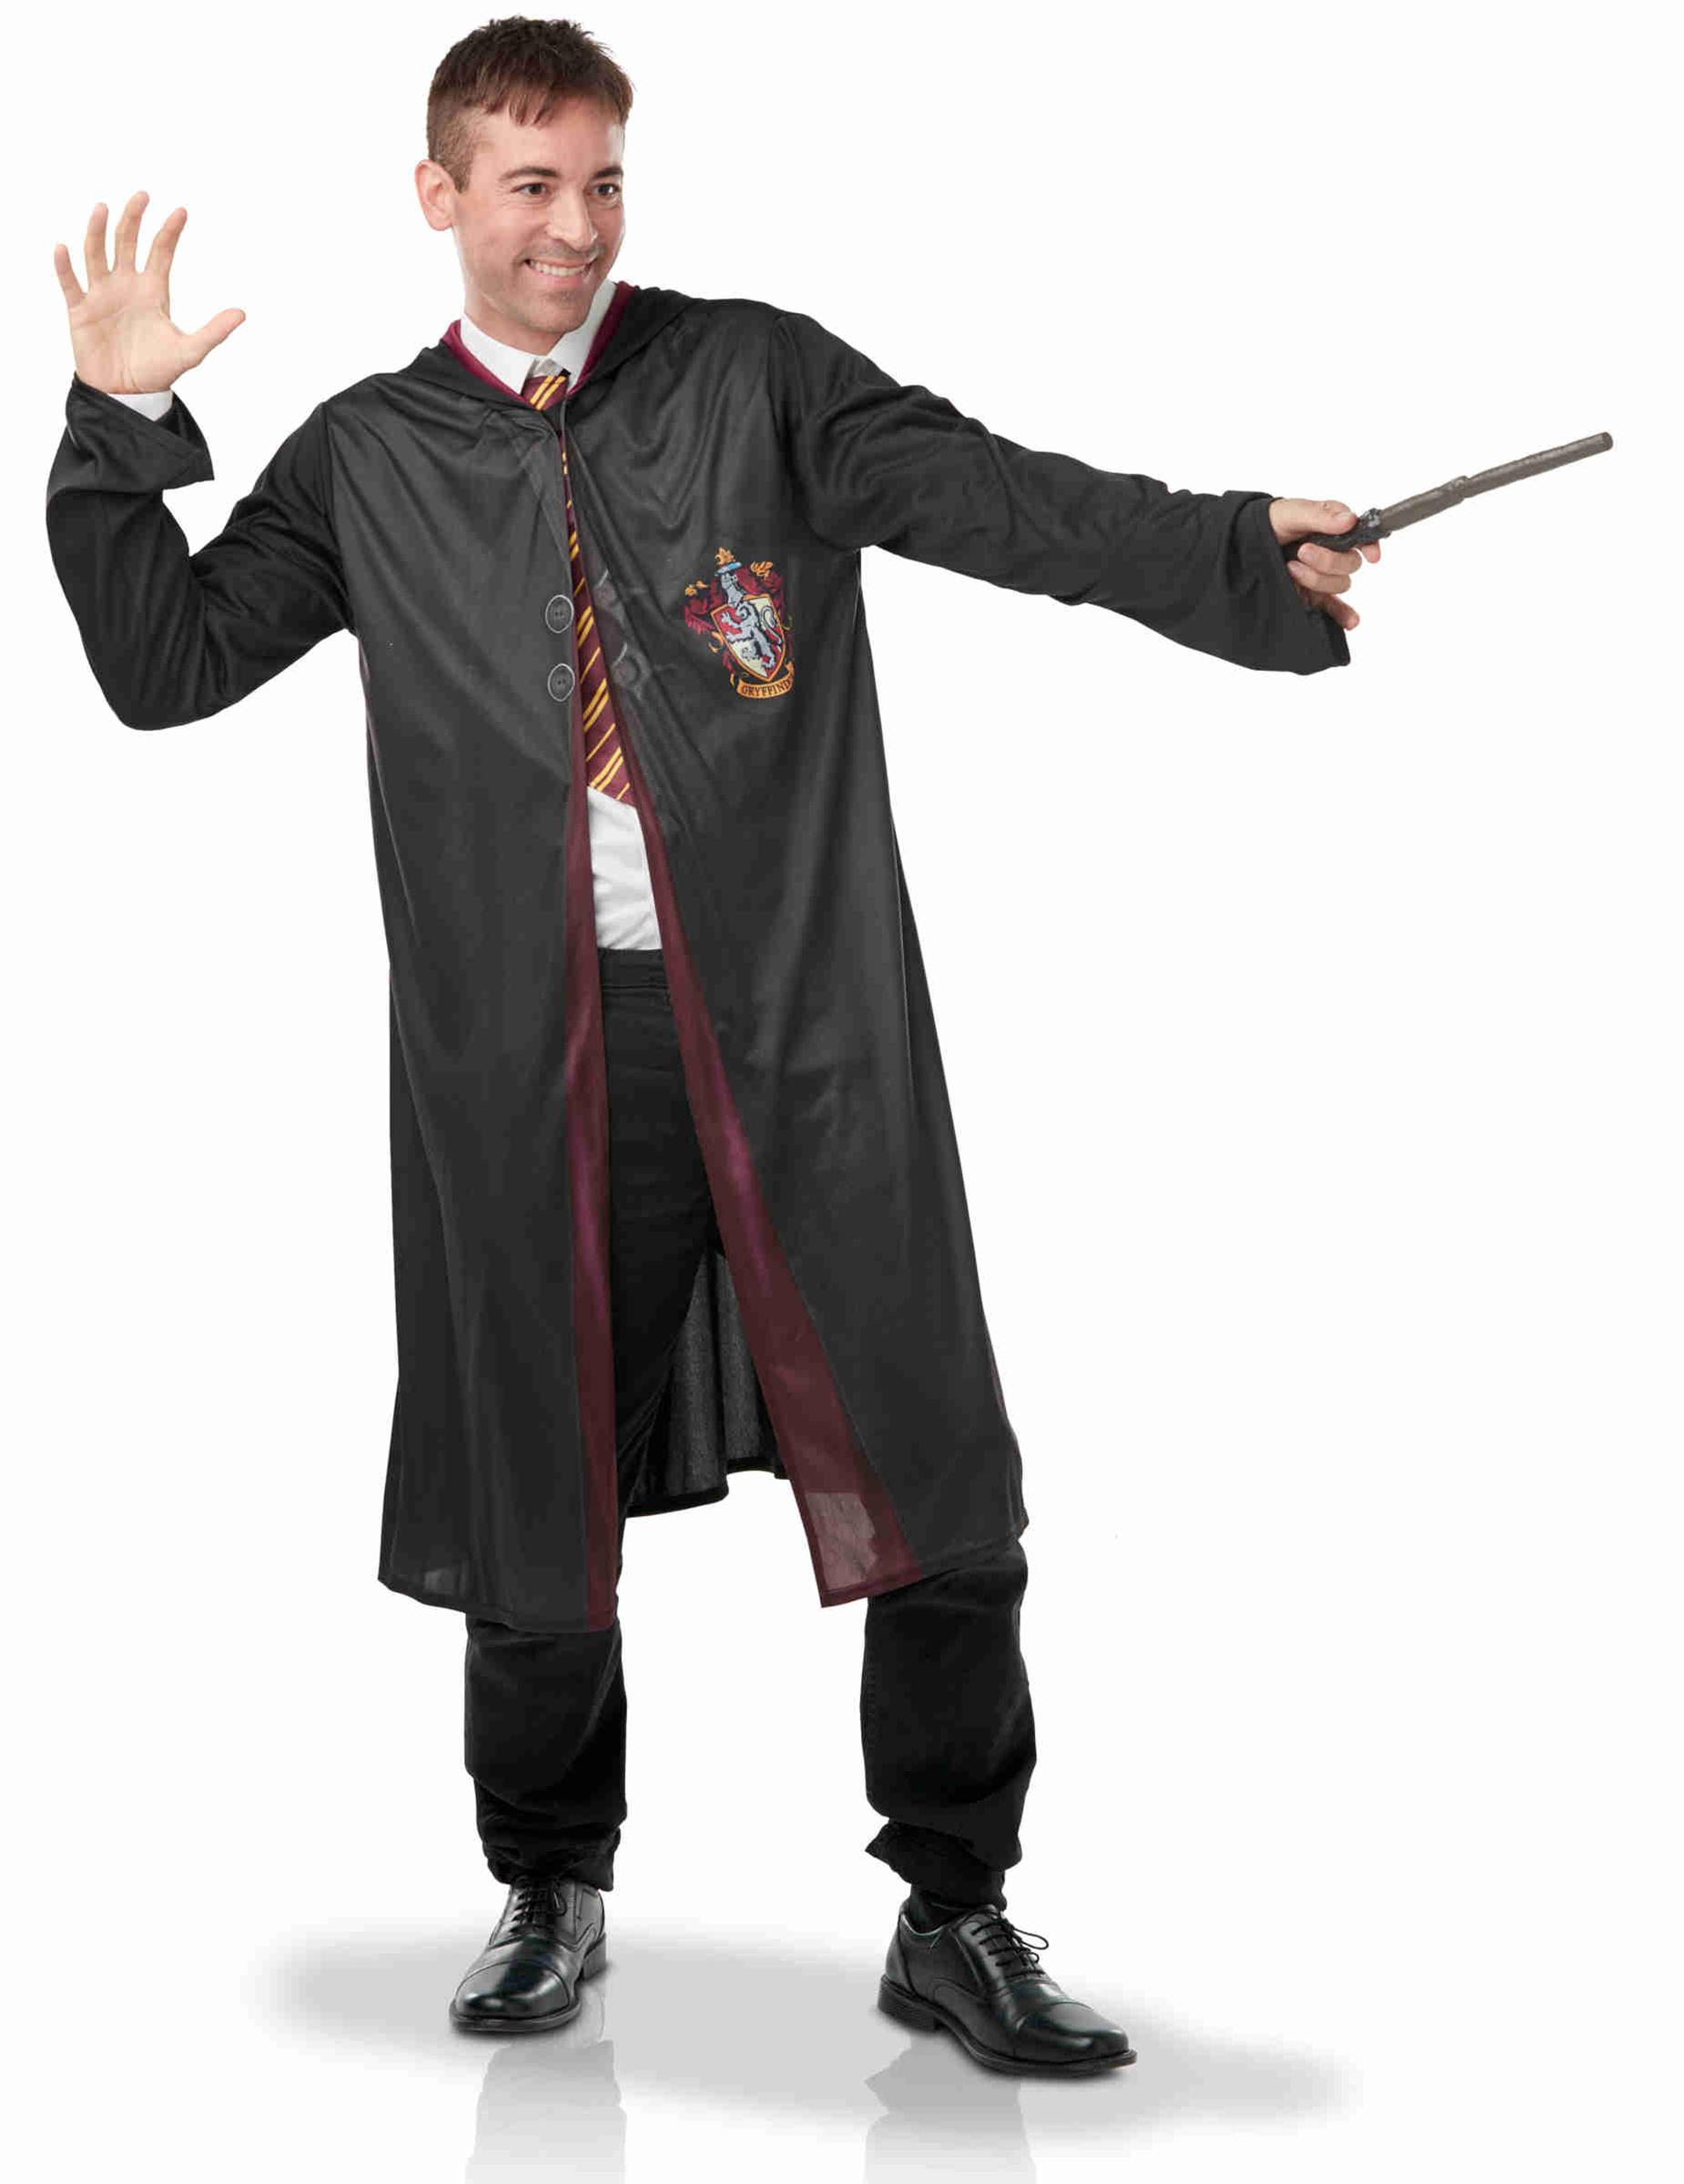 Talsohle Preis ungleich in der Leistung bester Lieferant Harry Potter™ Gryffindor-Kostüm für Erwachsene schwarz-rot-gelb